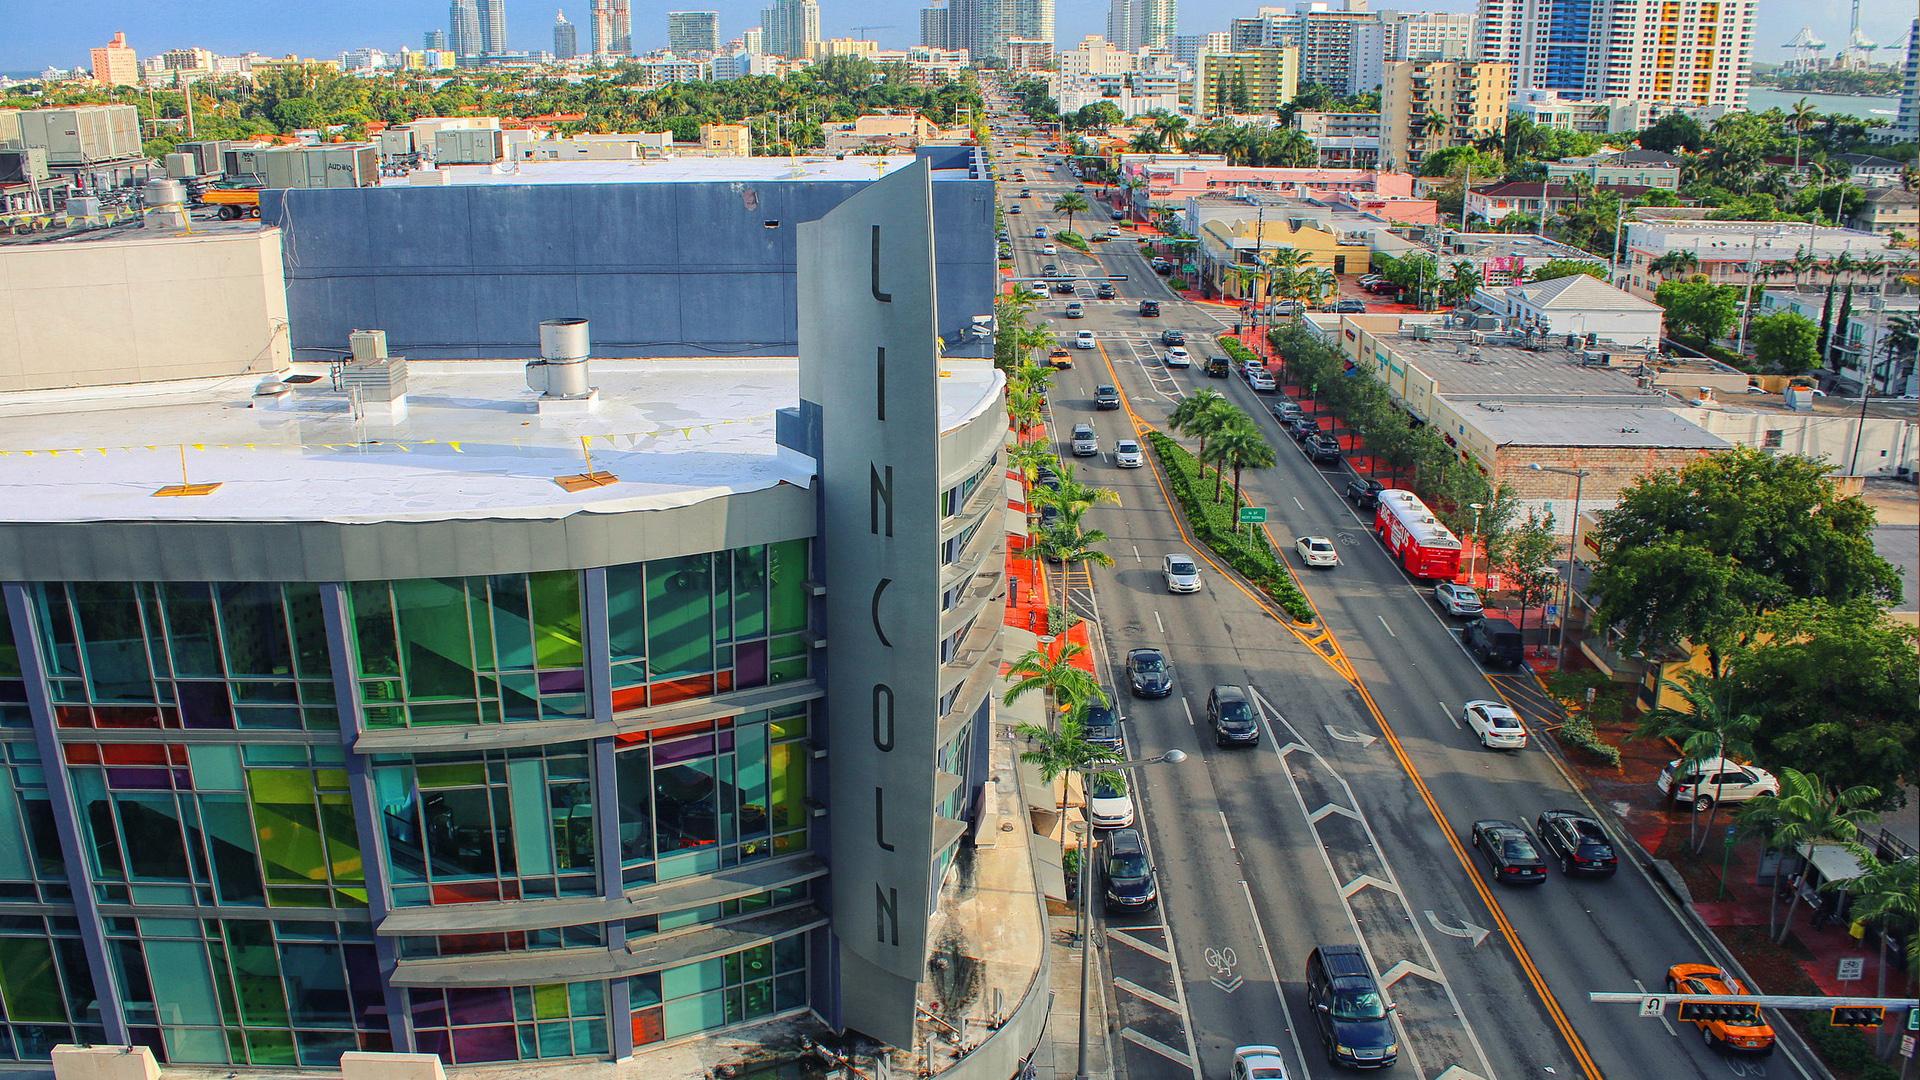 mesmo não tendo preços muito convidativos, o Lincoln Road é um excelente centro de compras em Miami.